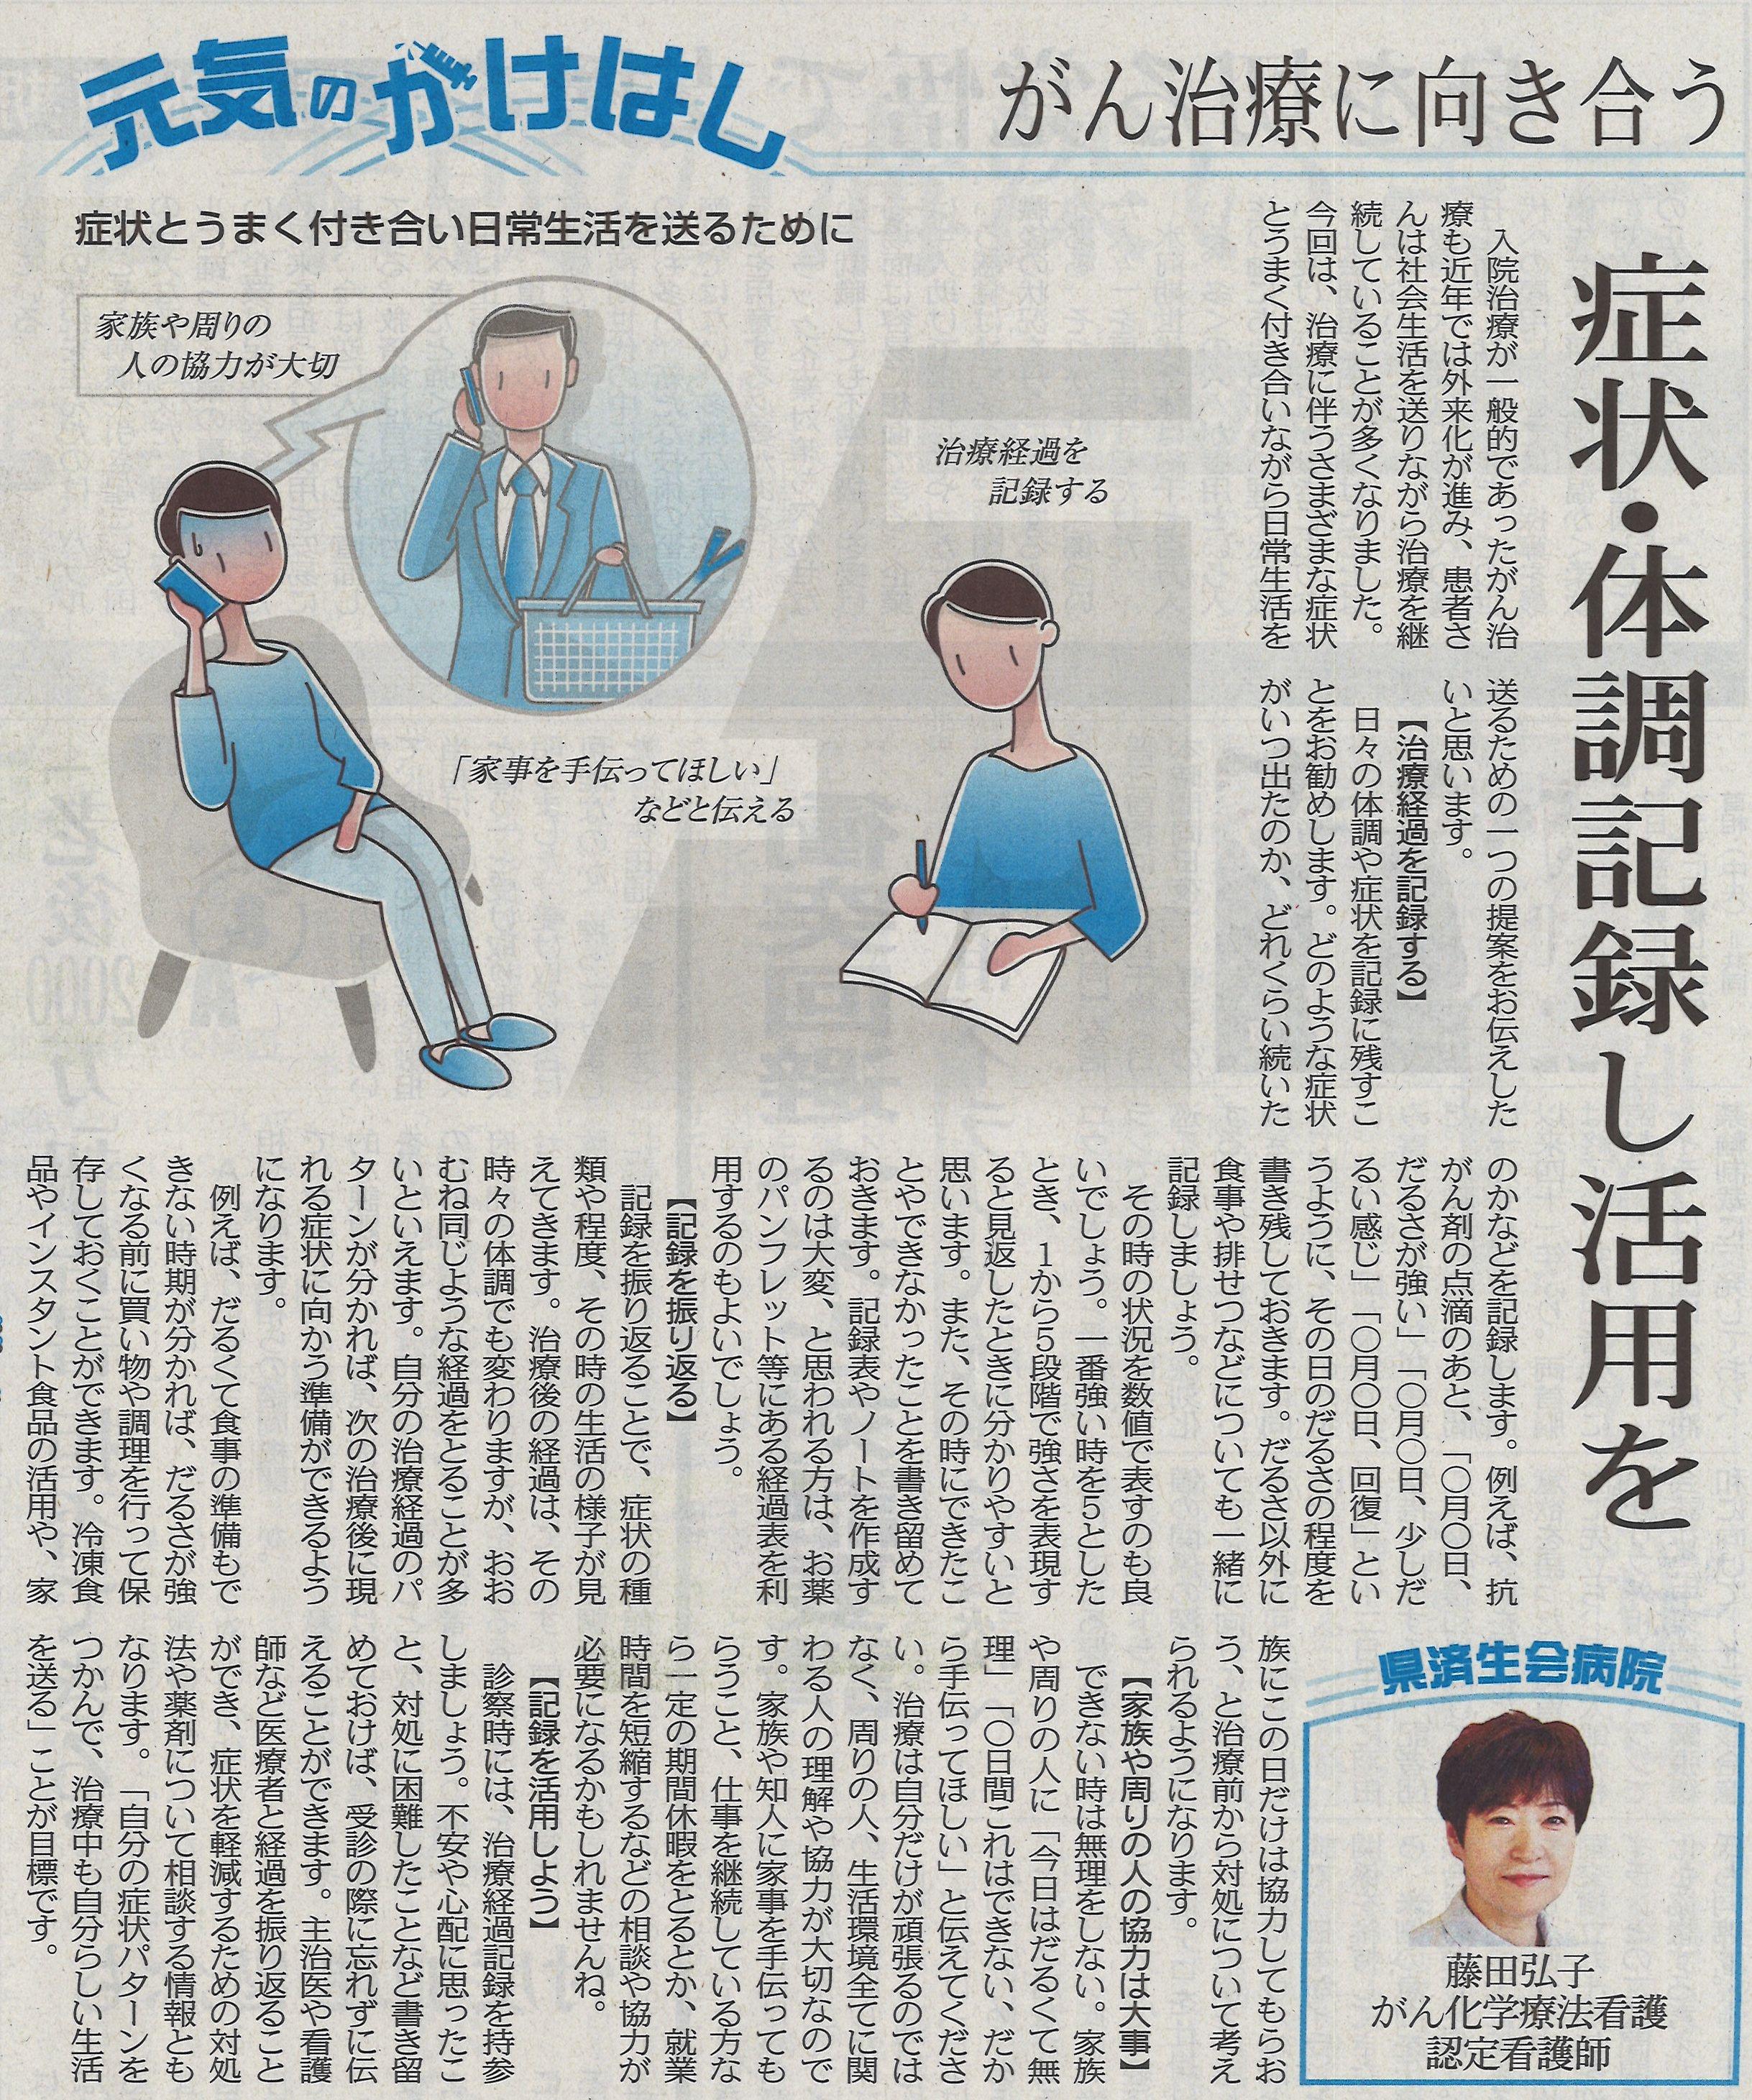 2019年6月13日 日刊県民福井